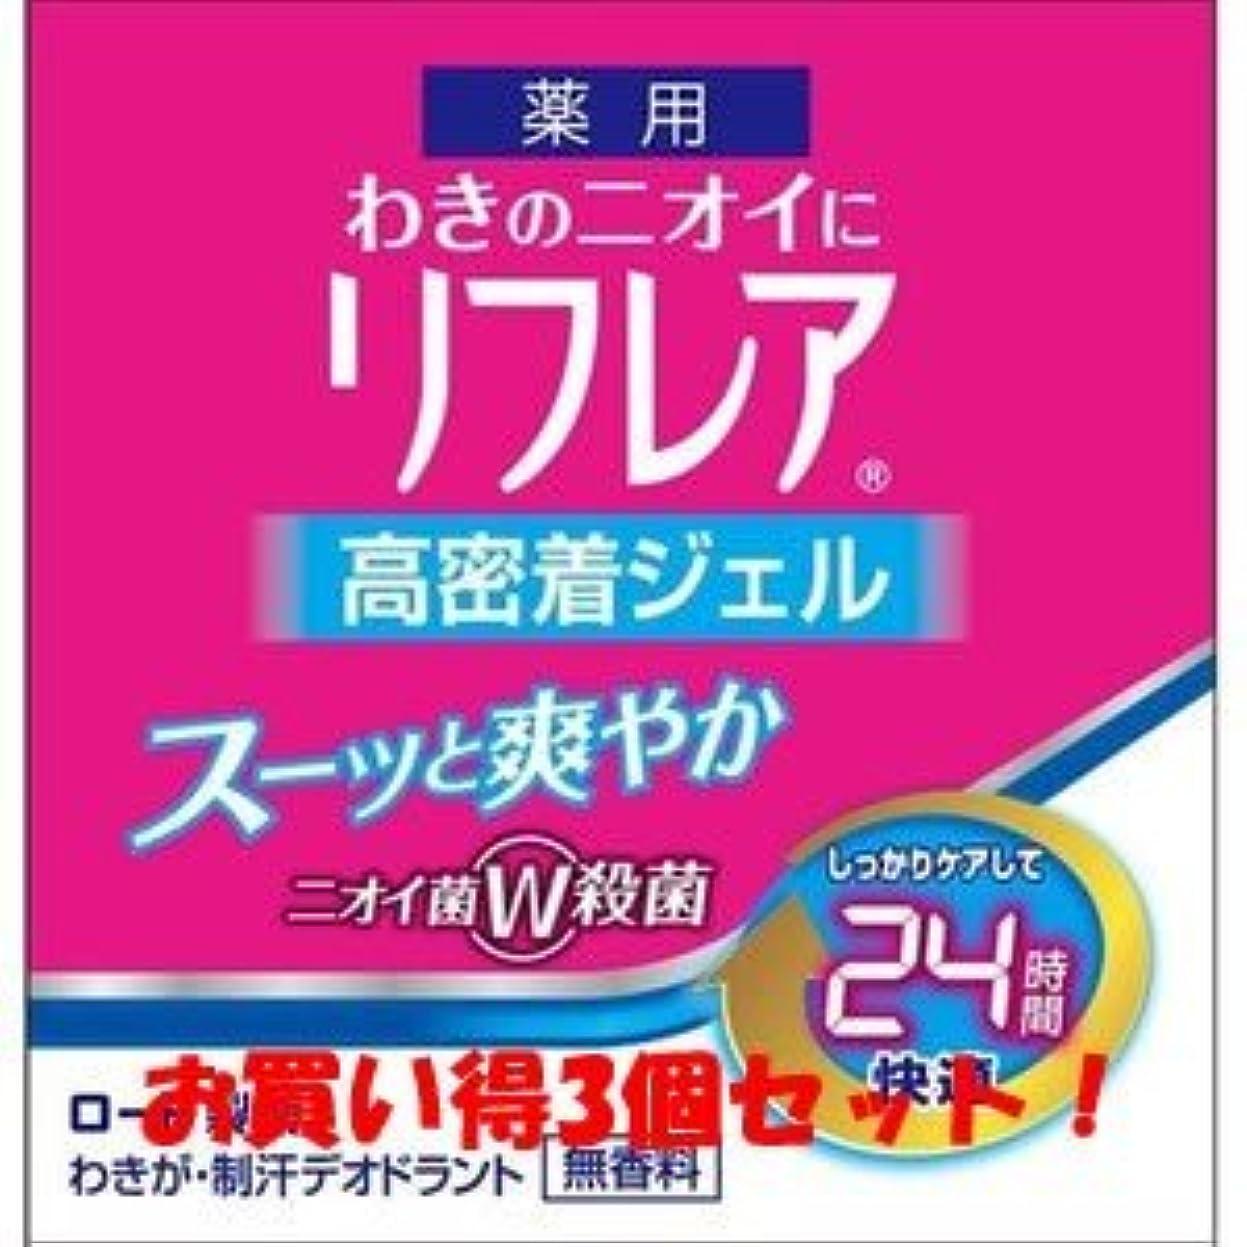 スカーフ宿命クーポン(ロート製薬)メンソレータム リフレア デオドラントジェル 48g(医薬部外品)(お買い得3個セット)